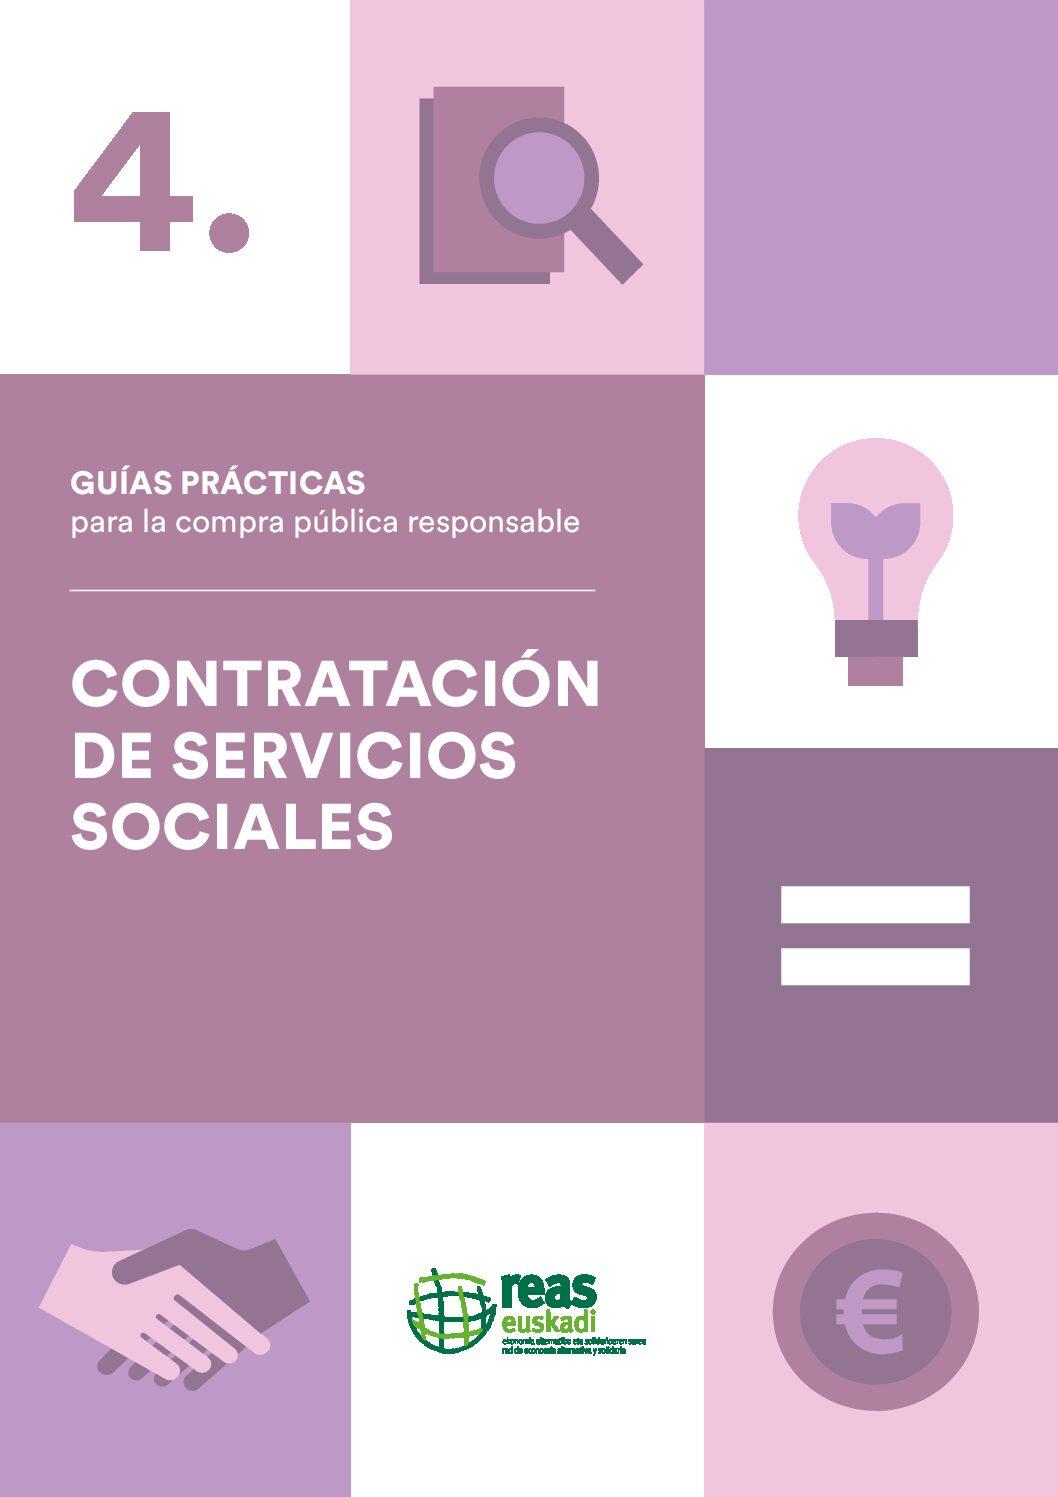 Contratación de servicios sociales.